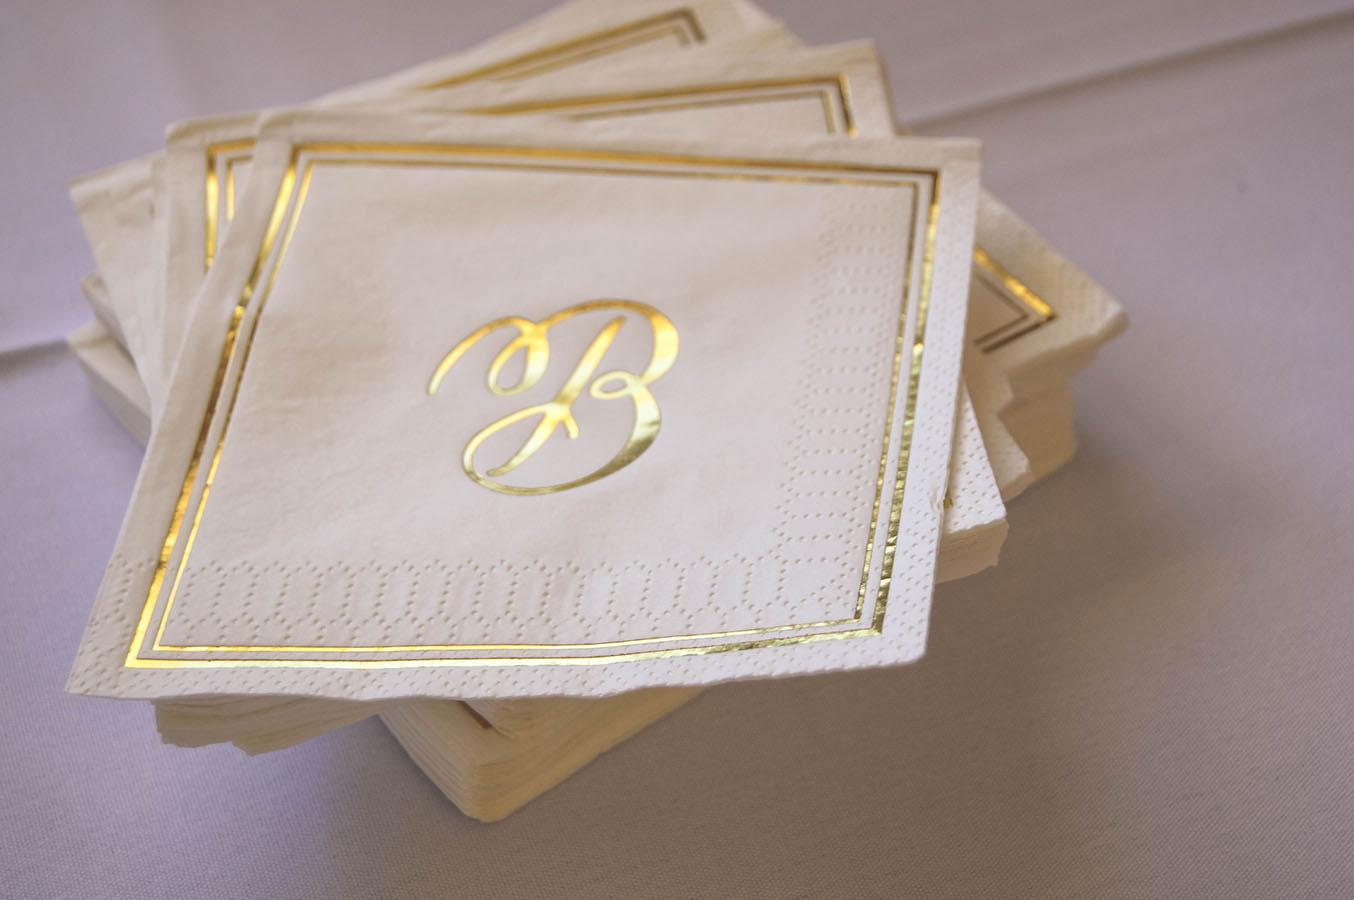 gold wedding white gold wedding decor calligraphy beverage napkins wisconsin madison, wi